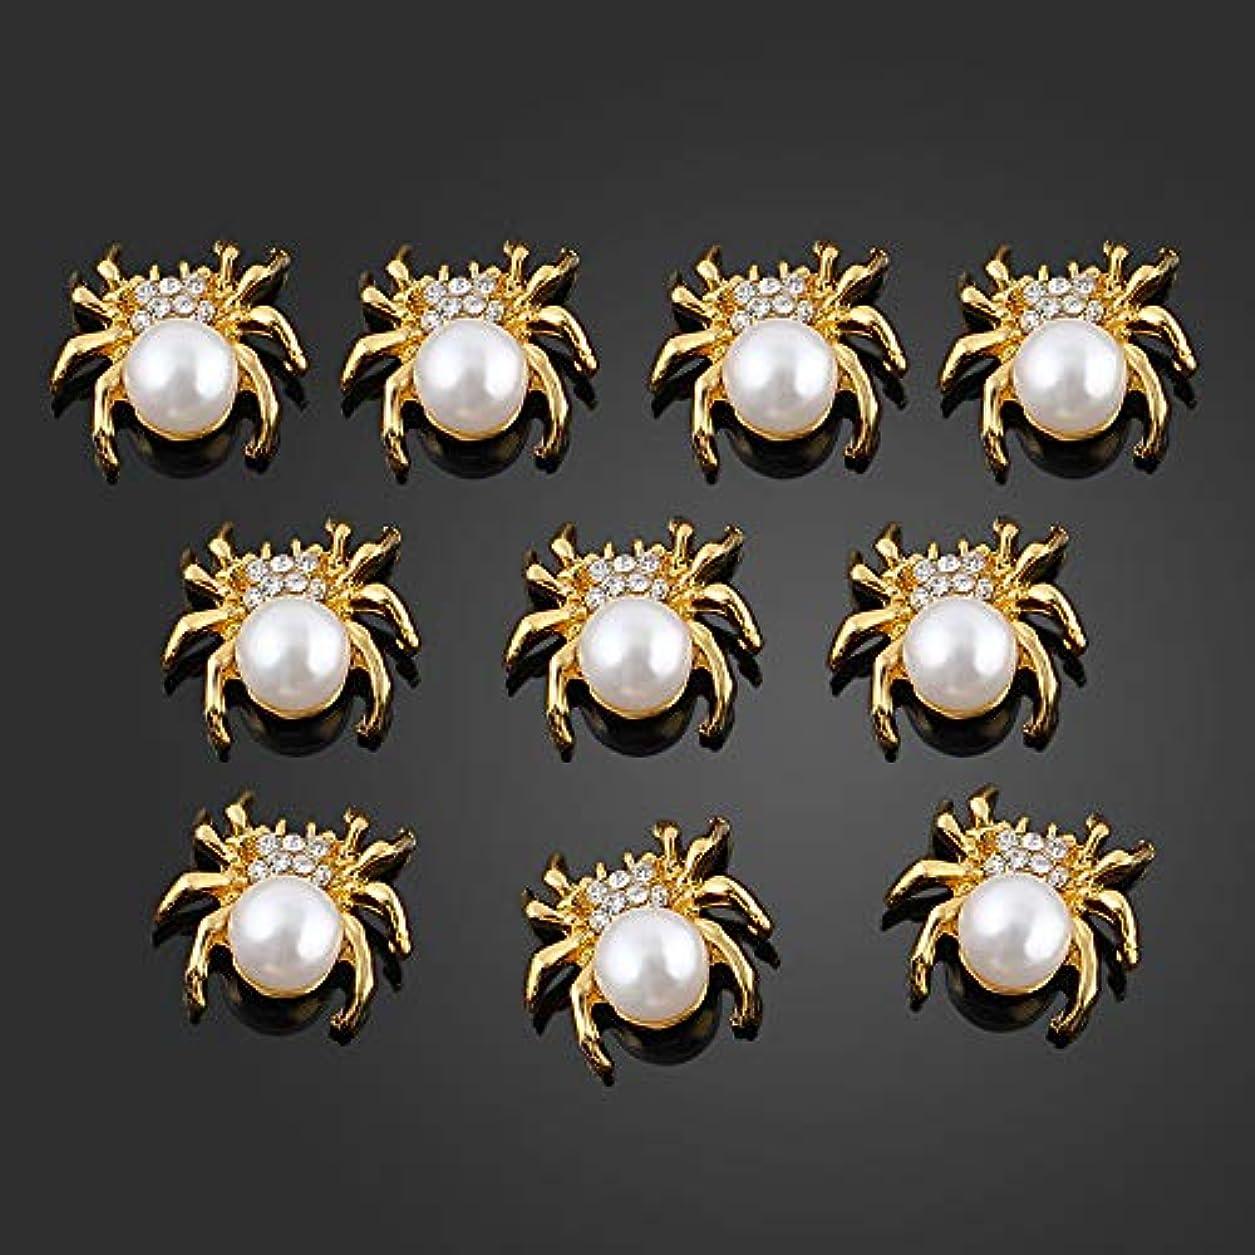 光沢のある状況行列10個/ロット新しいグリッターゴールドスパイダー3DネイルチャームジュエリーDIYパール合金ネイルアートの装飾ネイルツールステッカー